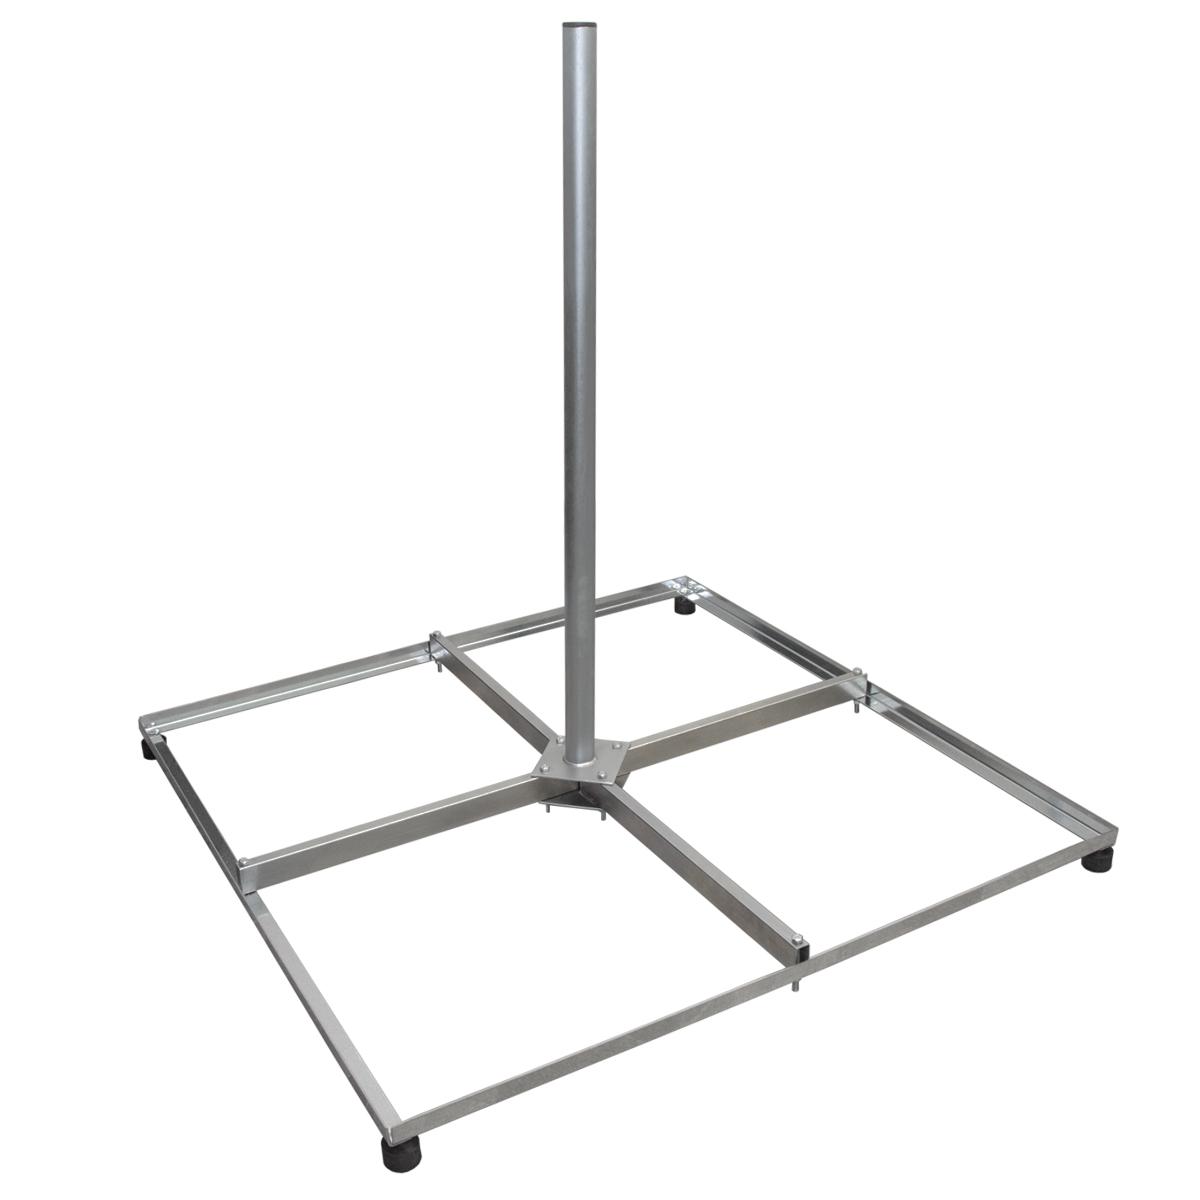 SkyRevolt Balkonständer Flachdachständer 4-fach Stahl 4x 50 X 50 Holland mit 1m Mast Verzinkt Terassenständer